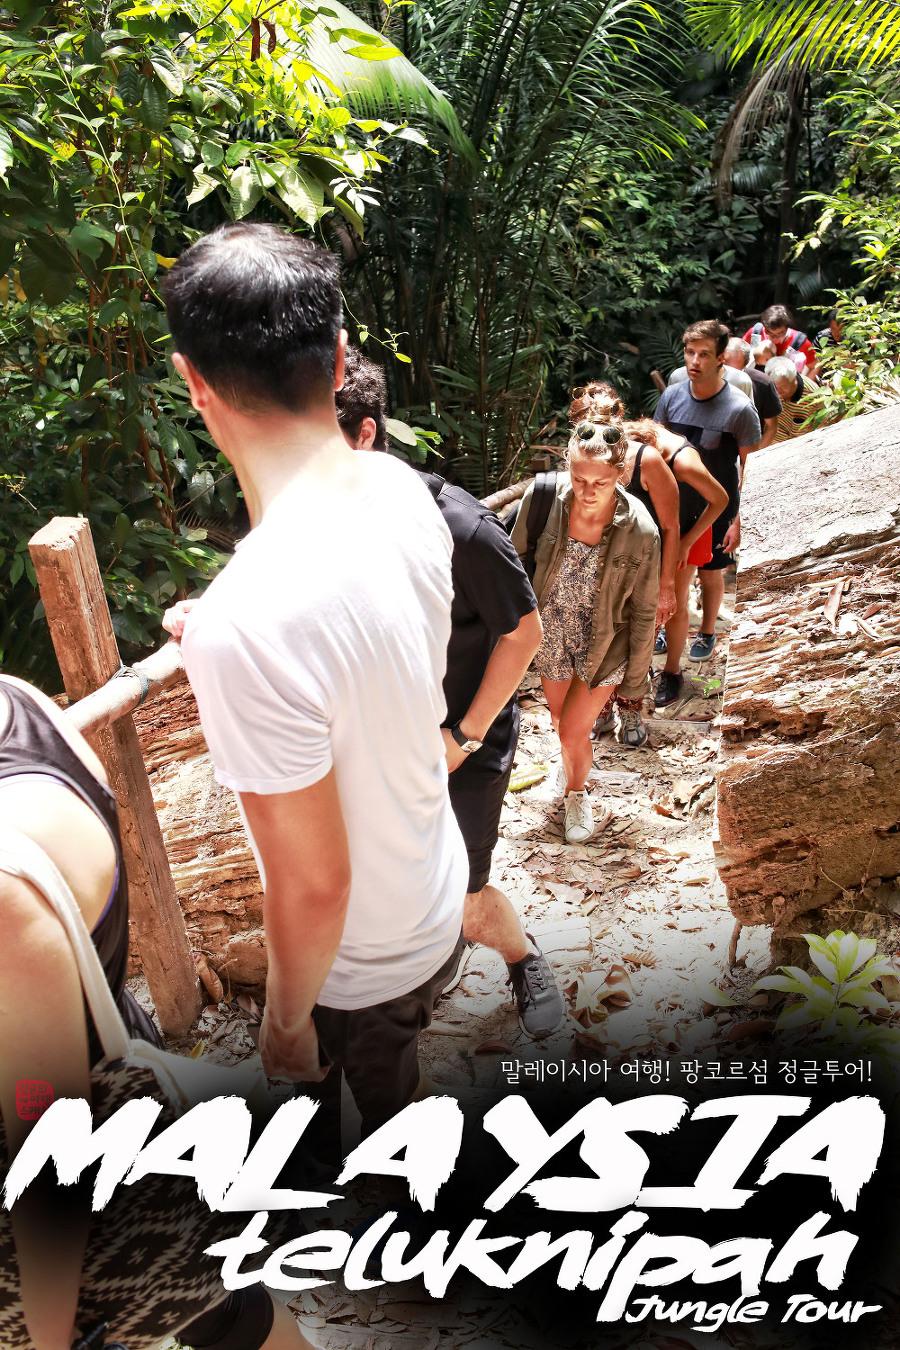 말레이시아 여행! 팡코르섬 정글투어!